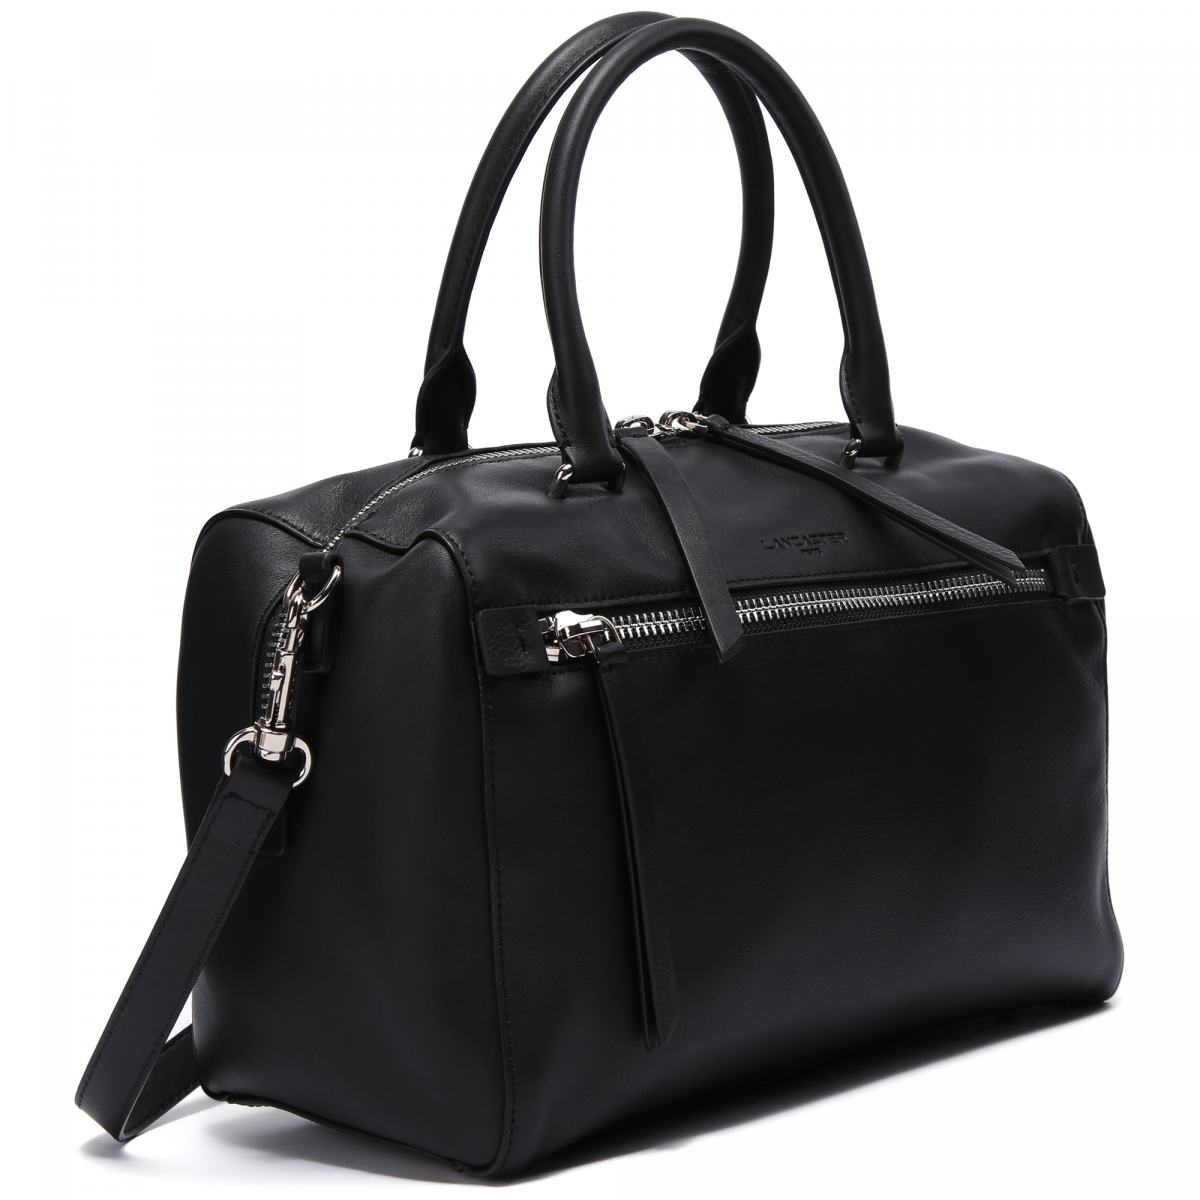 красноярск купить спортивную сумку в магазине адреса